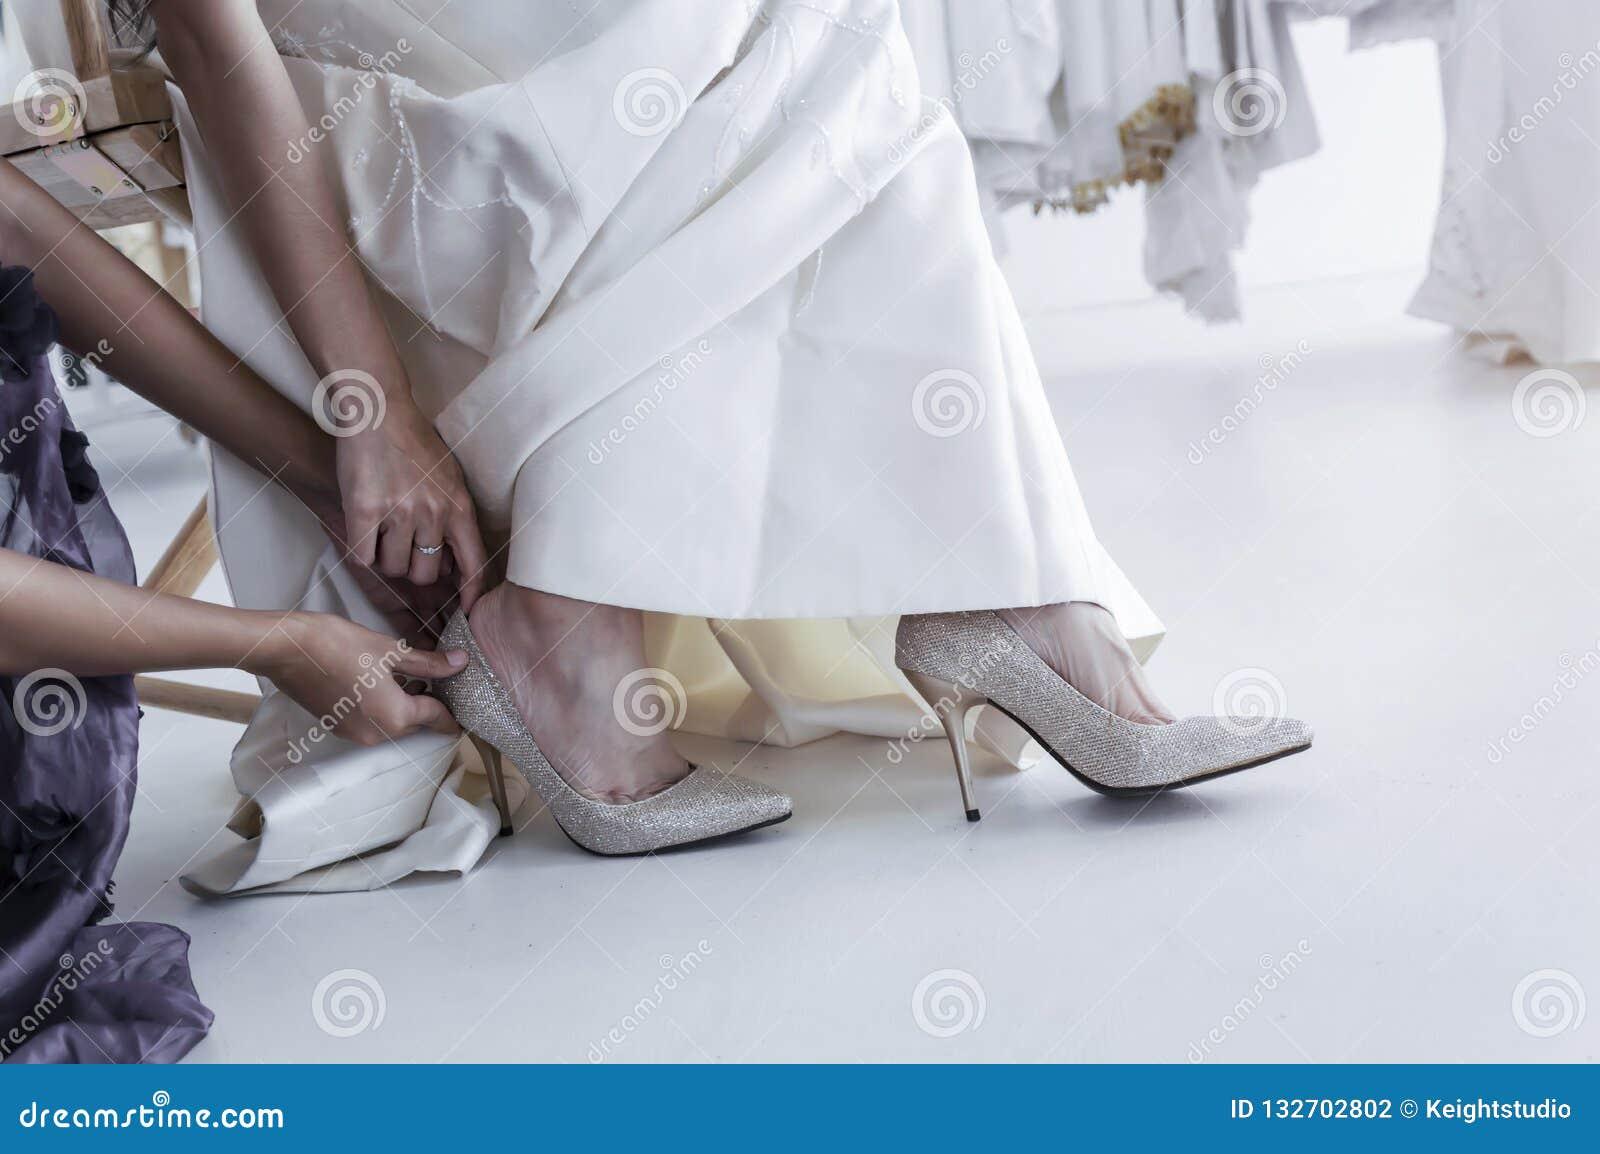 94e8f20a48 Preparación de la boda Bridemaid de la ayuda de la novia ella en mis zapatos  del matrimonio de los zapatos